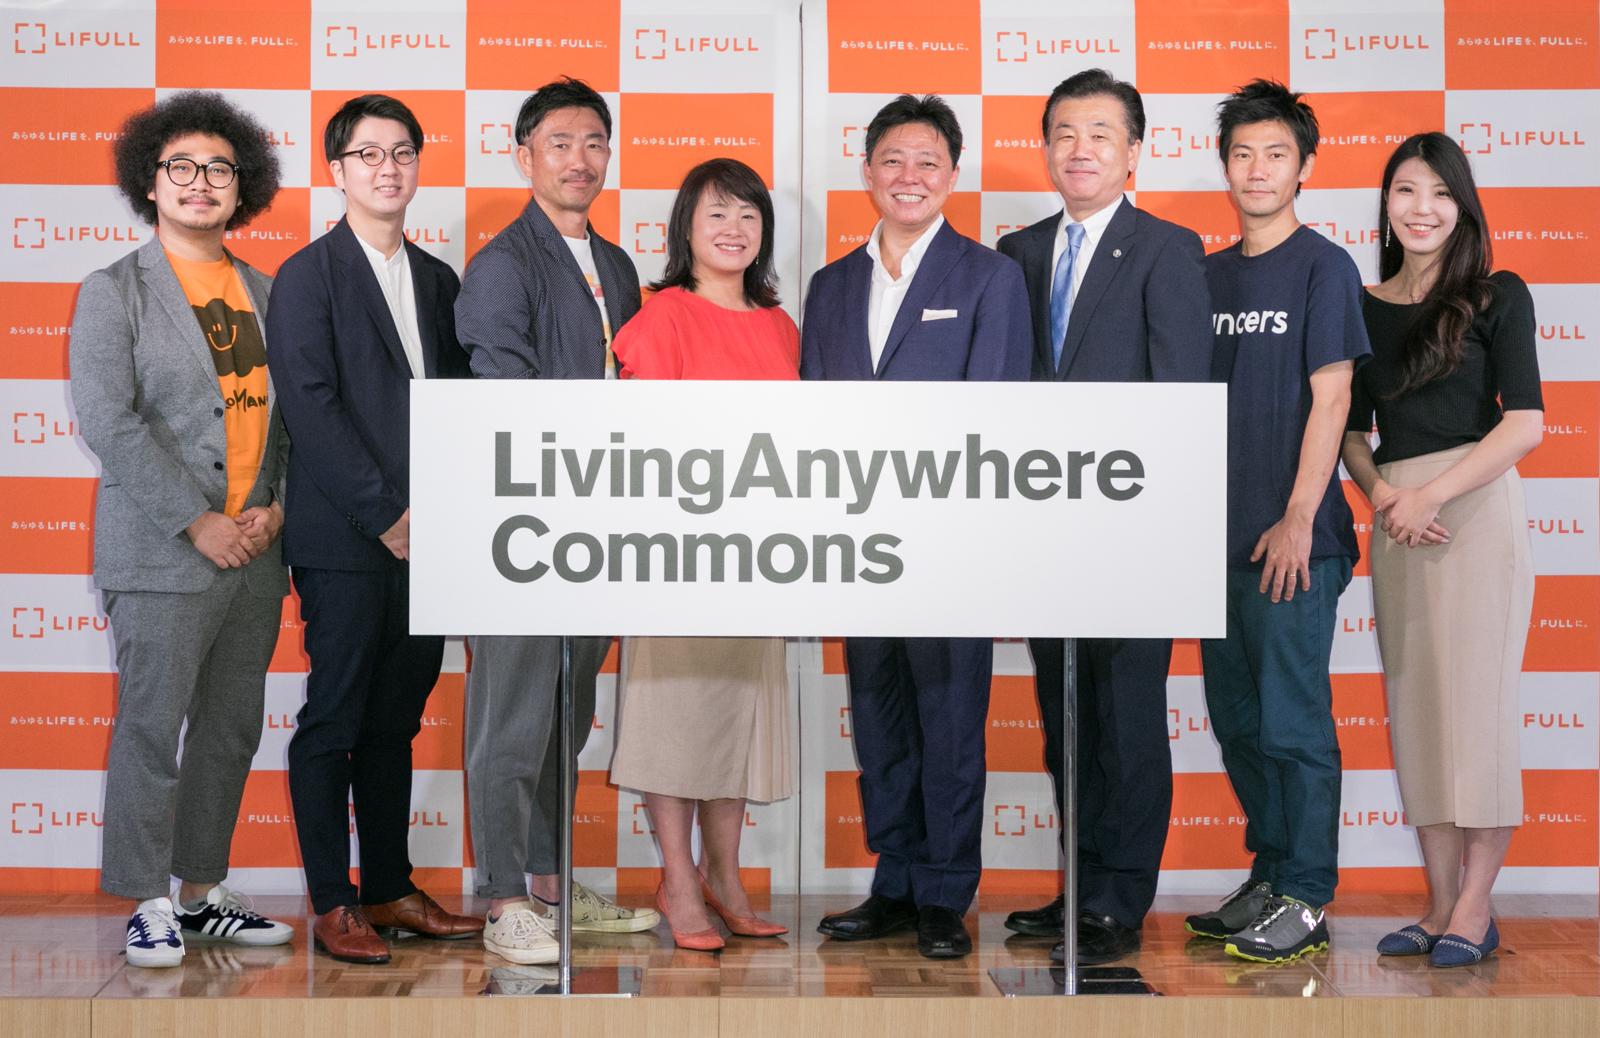 住生活関連サービスのLIFULL、共同運営型コミュニティ「LivingAnywhere Commons」を本格始動